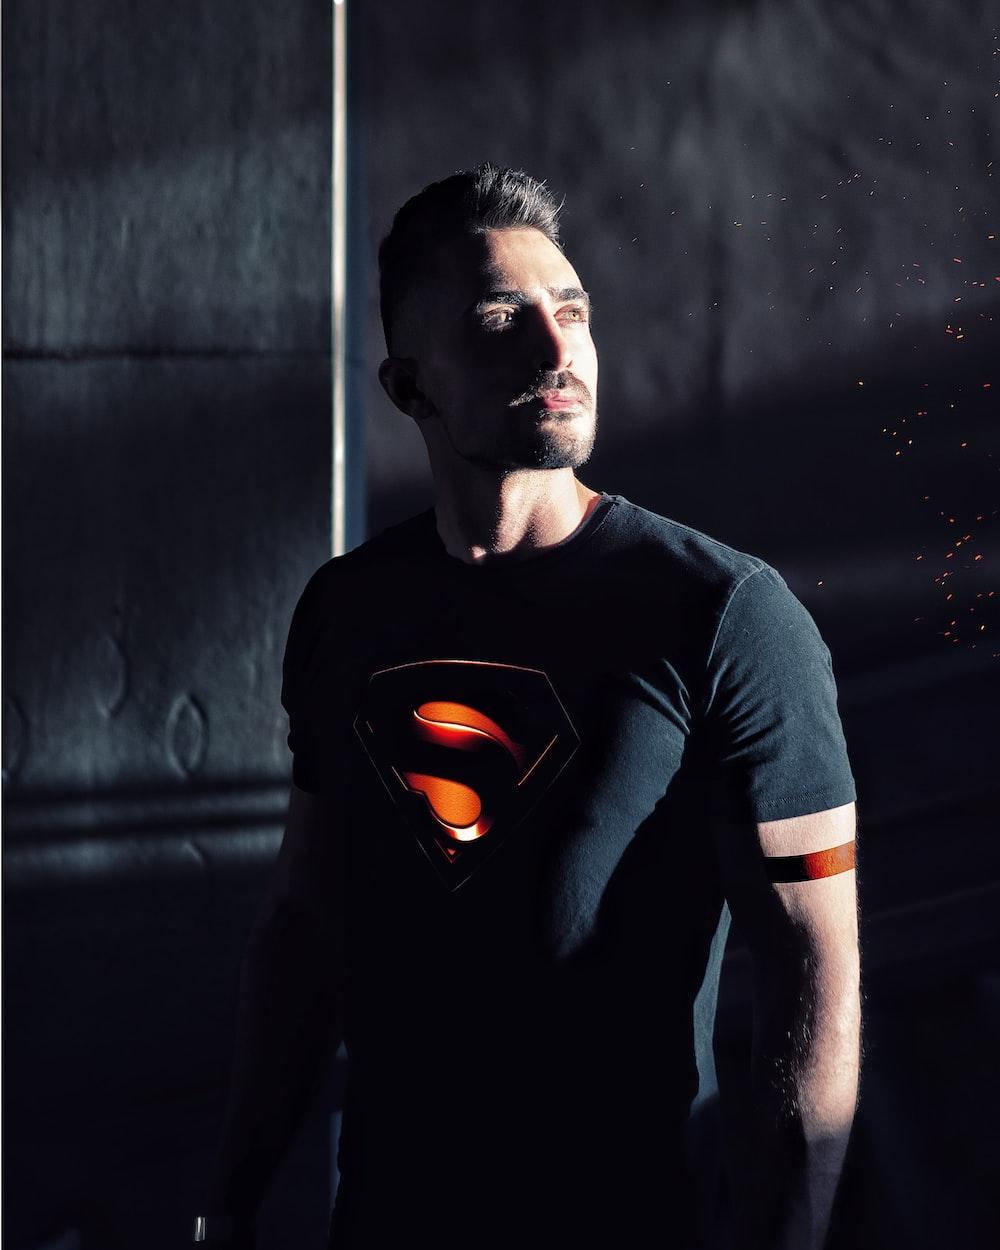 man wearing black Superman shirt